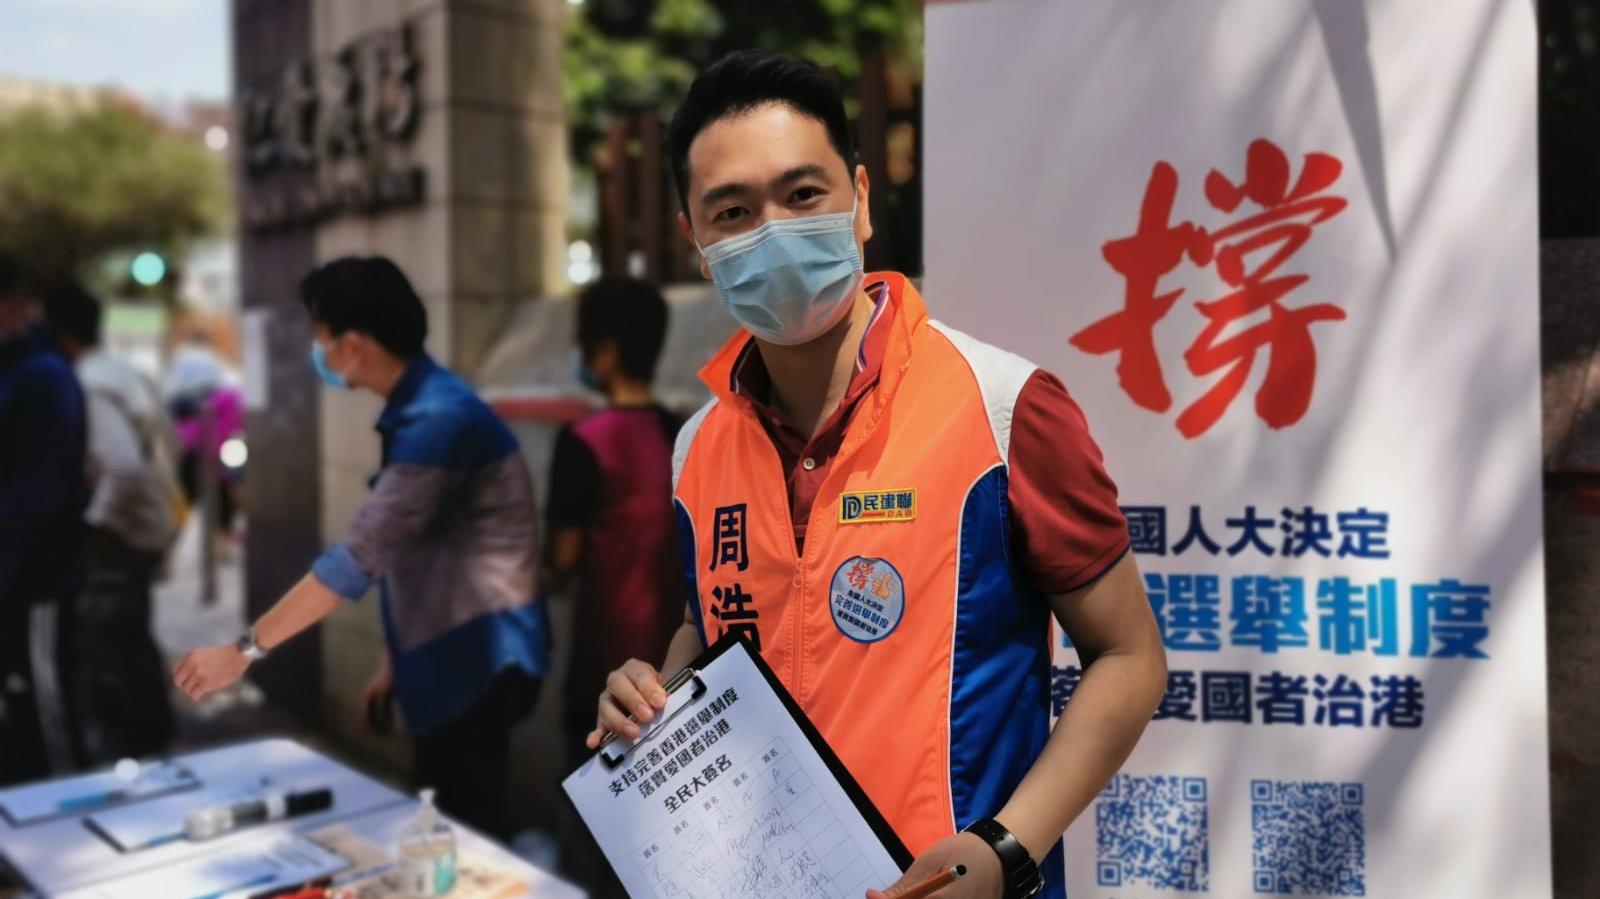 周浩鼎:完善選舉制度 是香港民主進程的大進步